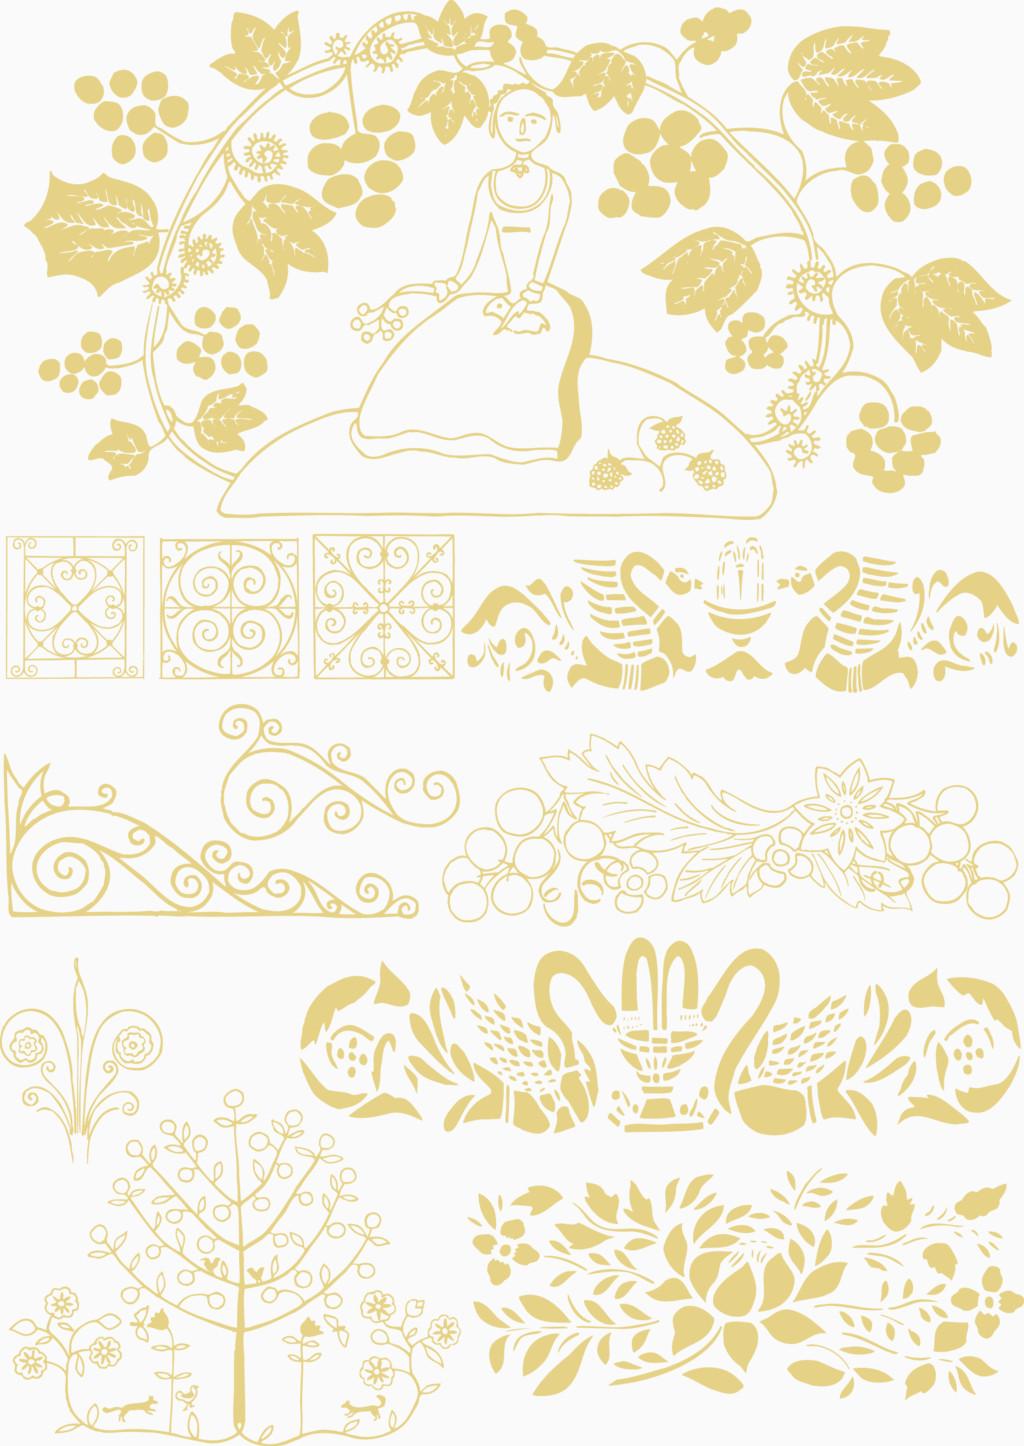 黄色精美欧美复古边框矢量图